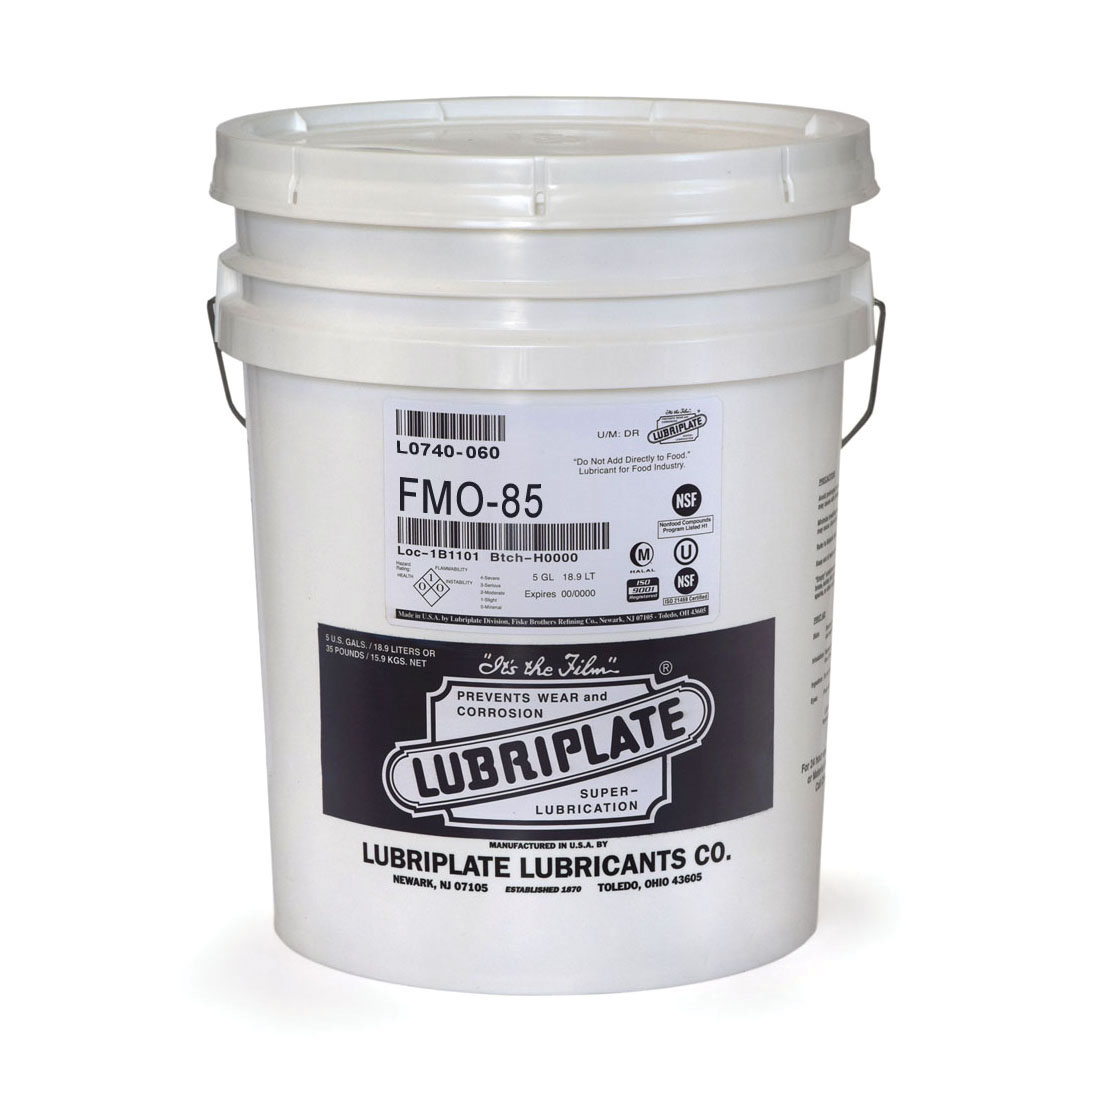 Lubriplate® L0740-060 FMO-85 Multi-Purpose Machine Oil, 5 gal Pail, Mineral Oil Odor/Scent, Liquid Form, Water White